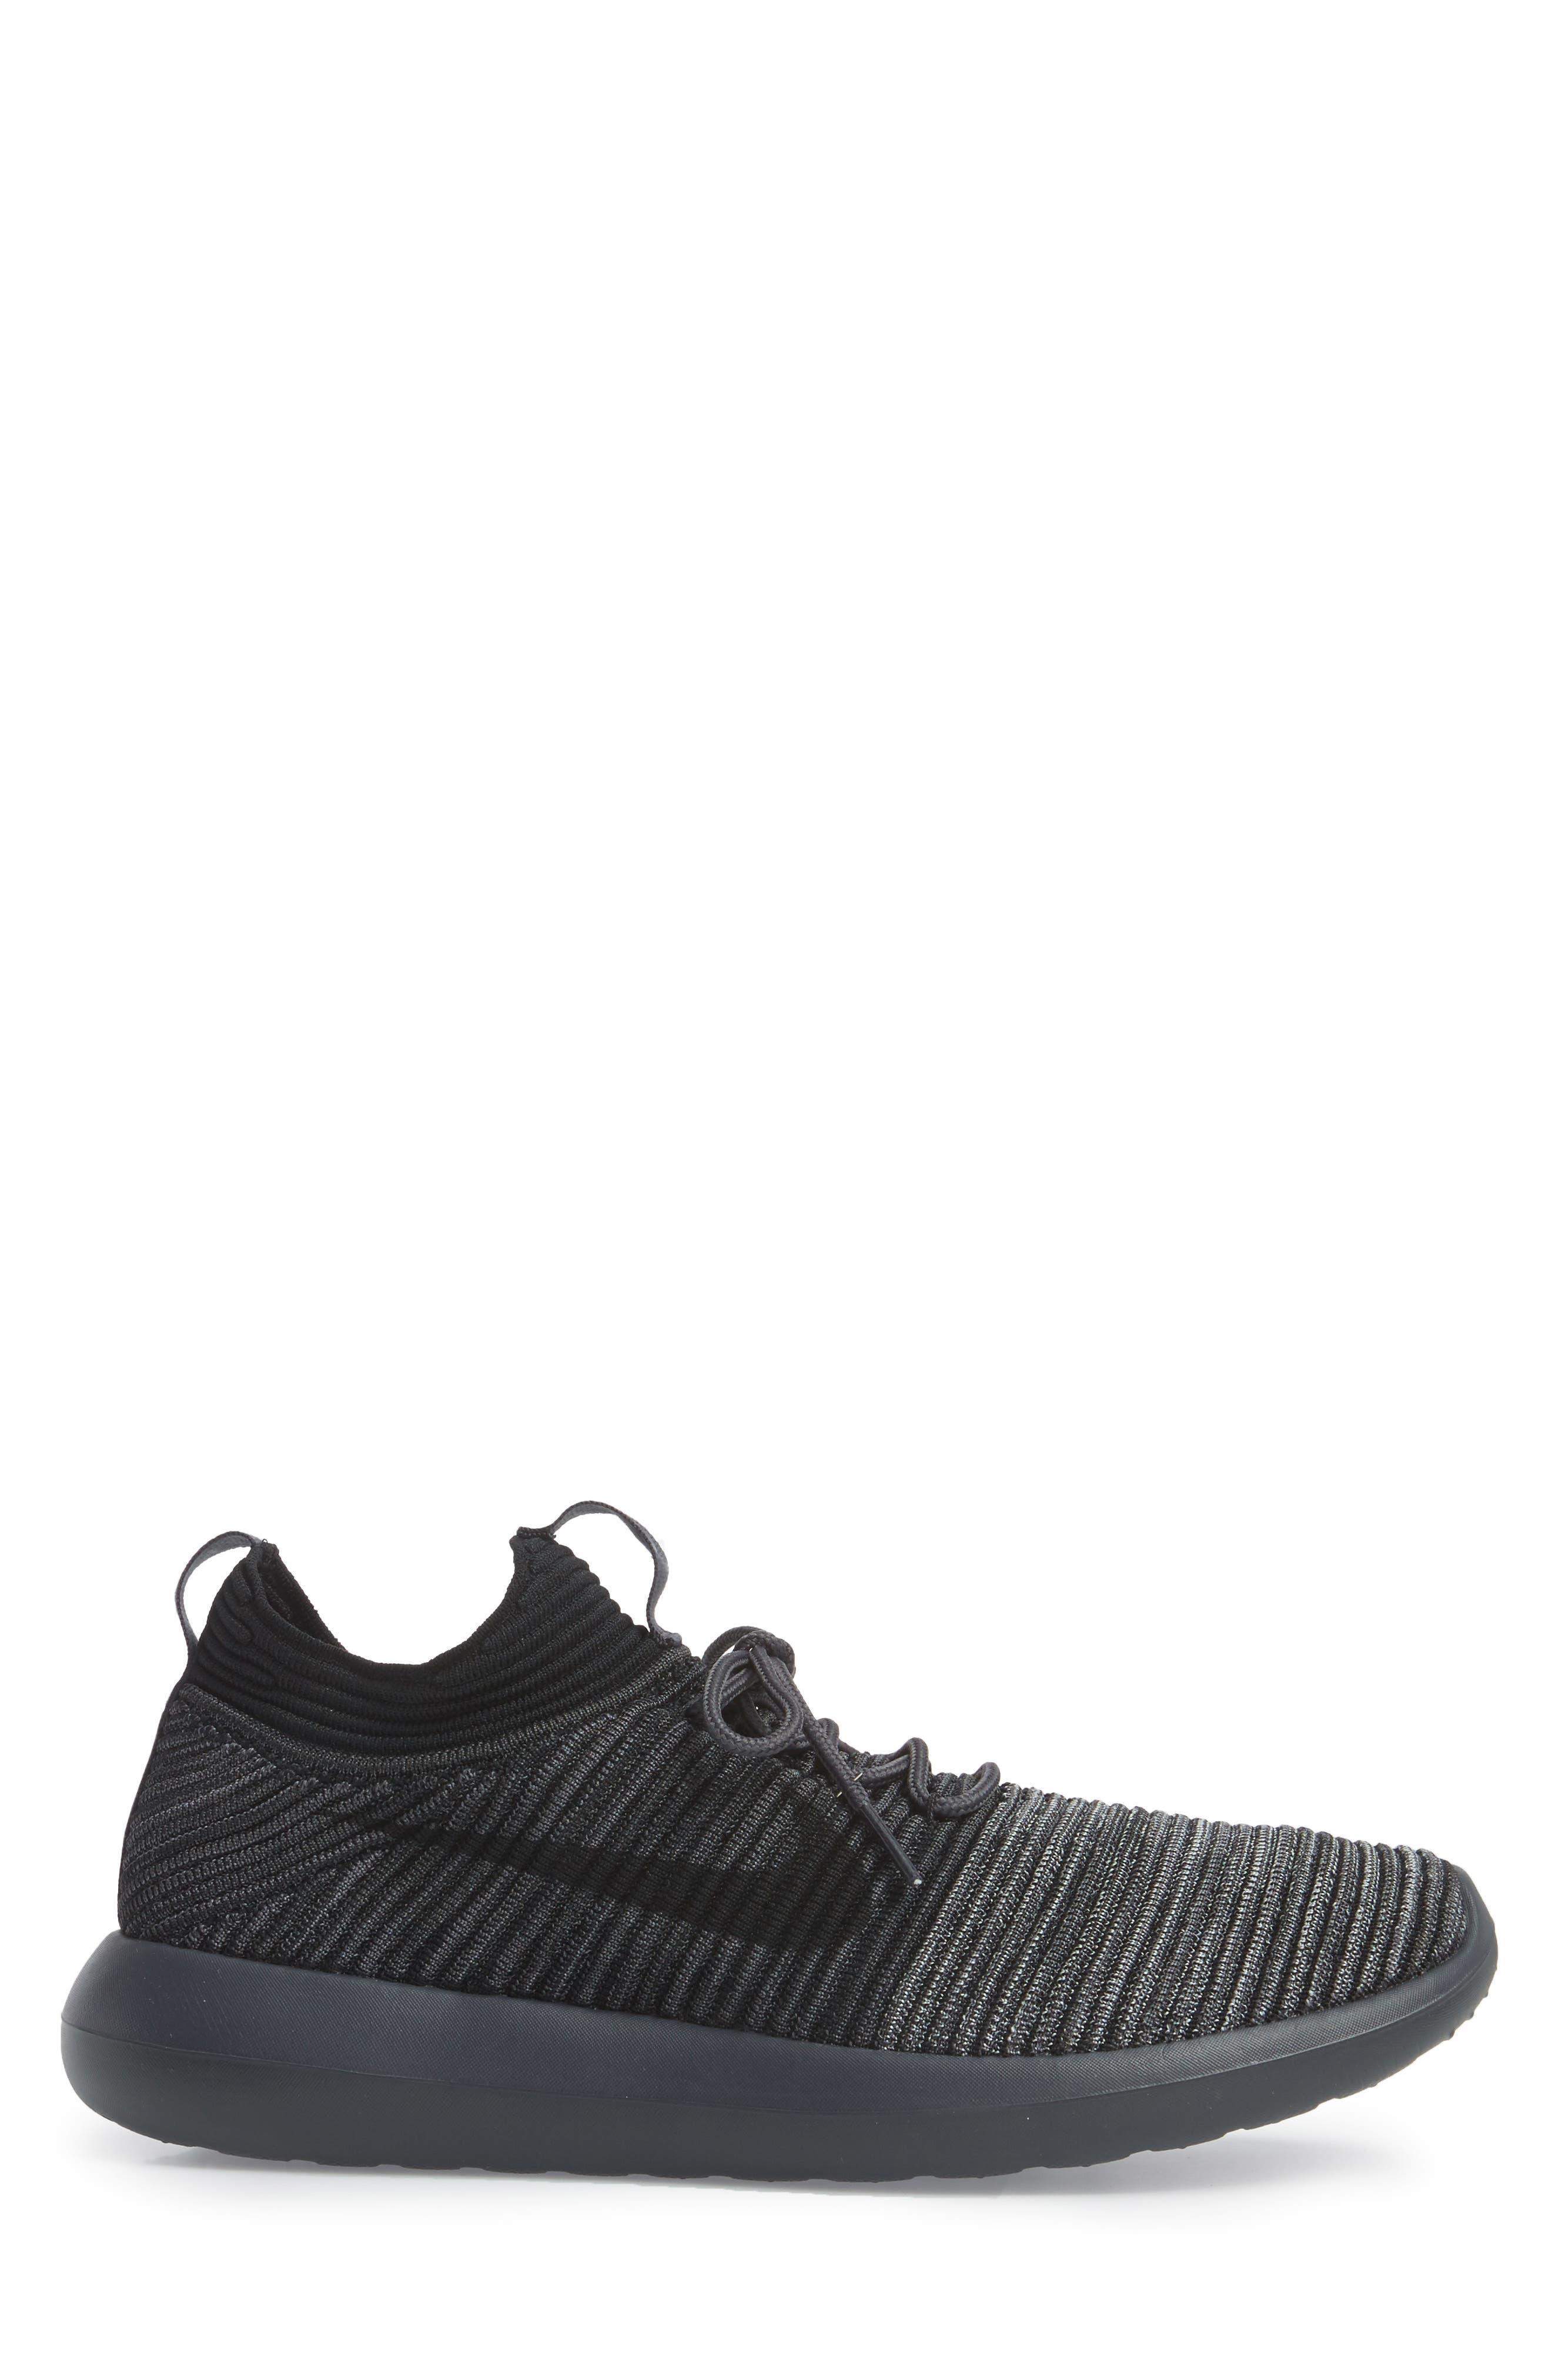 Roshe Two Flyknit V2 Sneaker,                             Alternate thumbnail 3, color,                             004